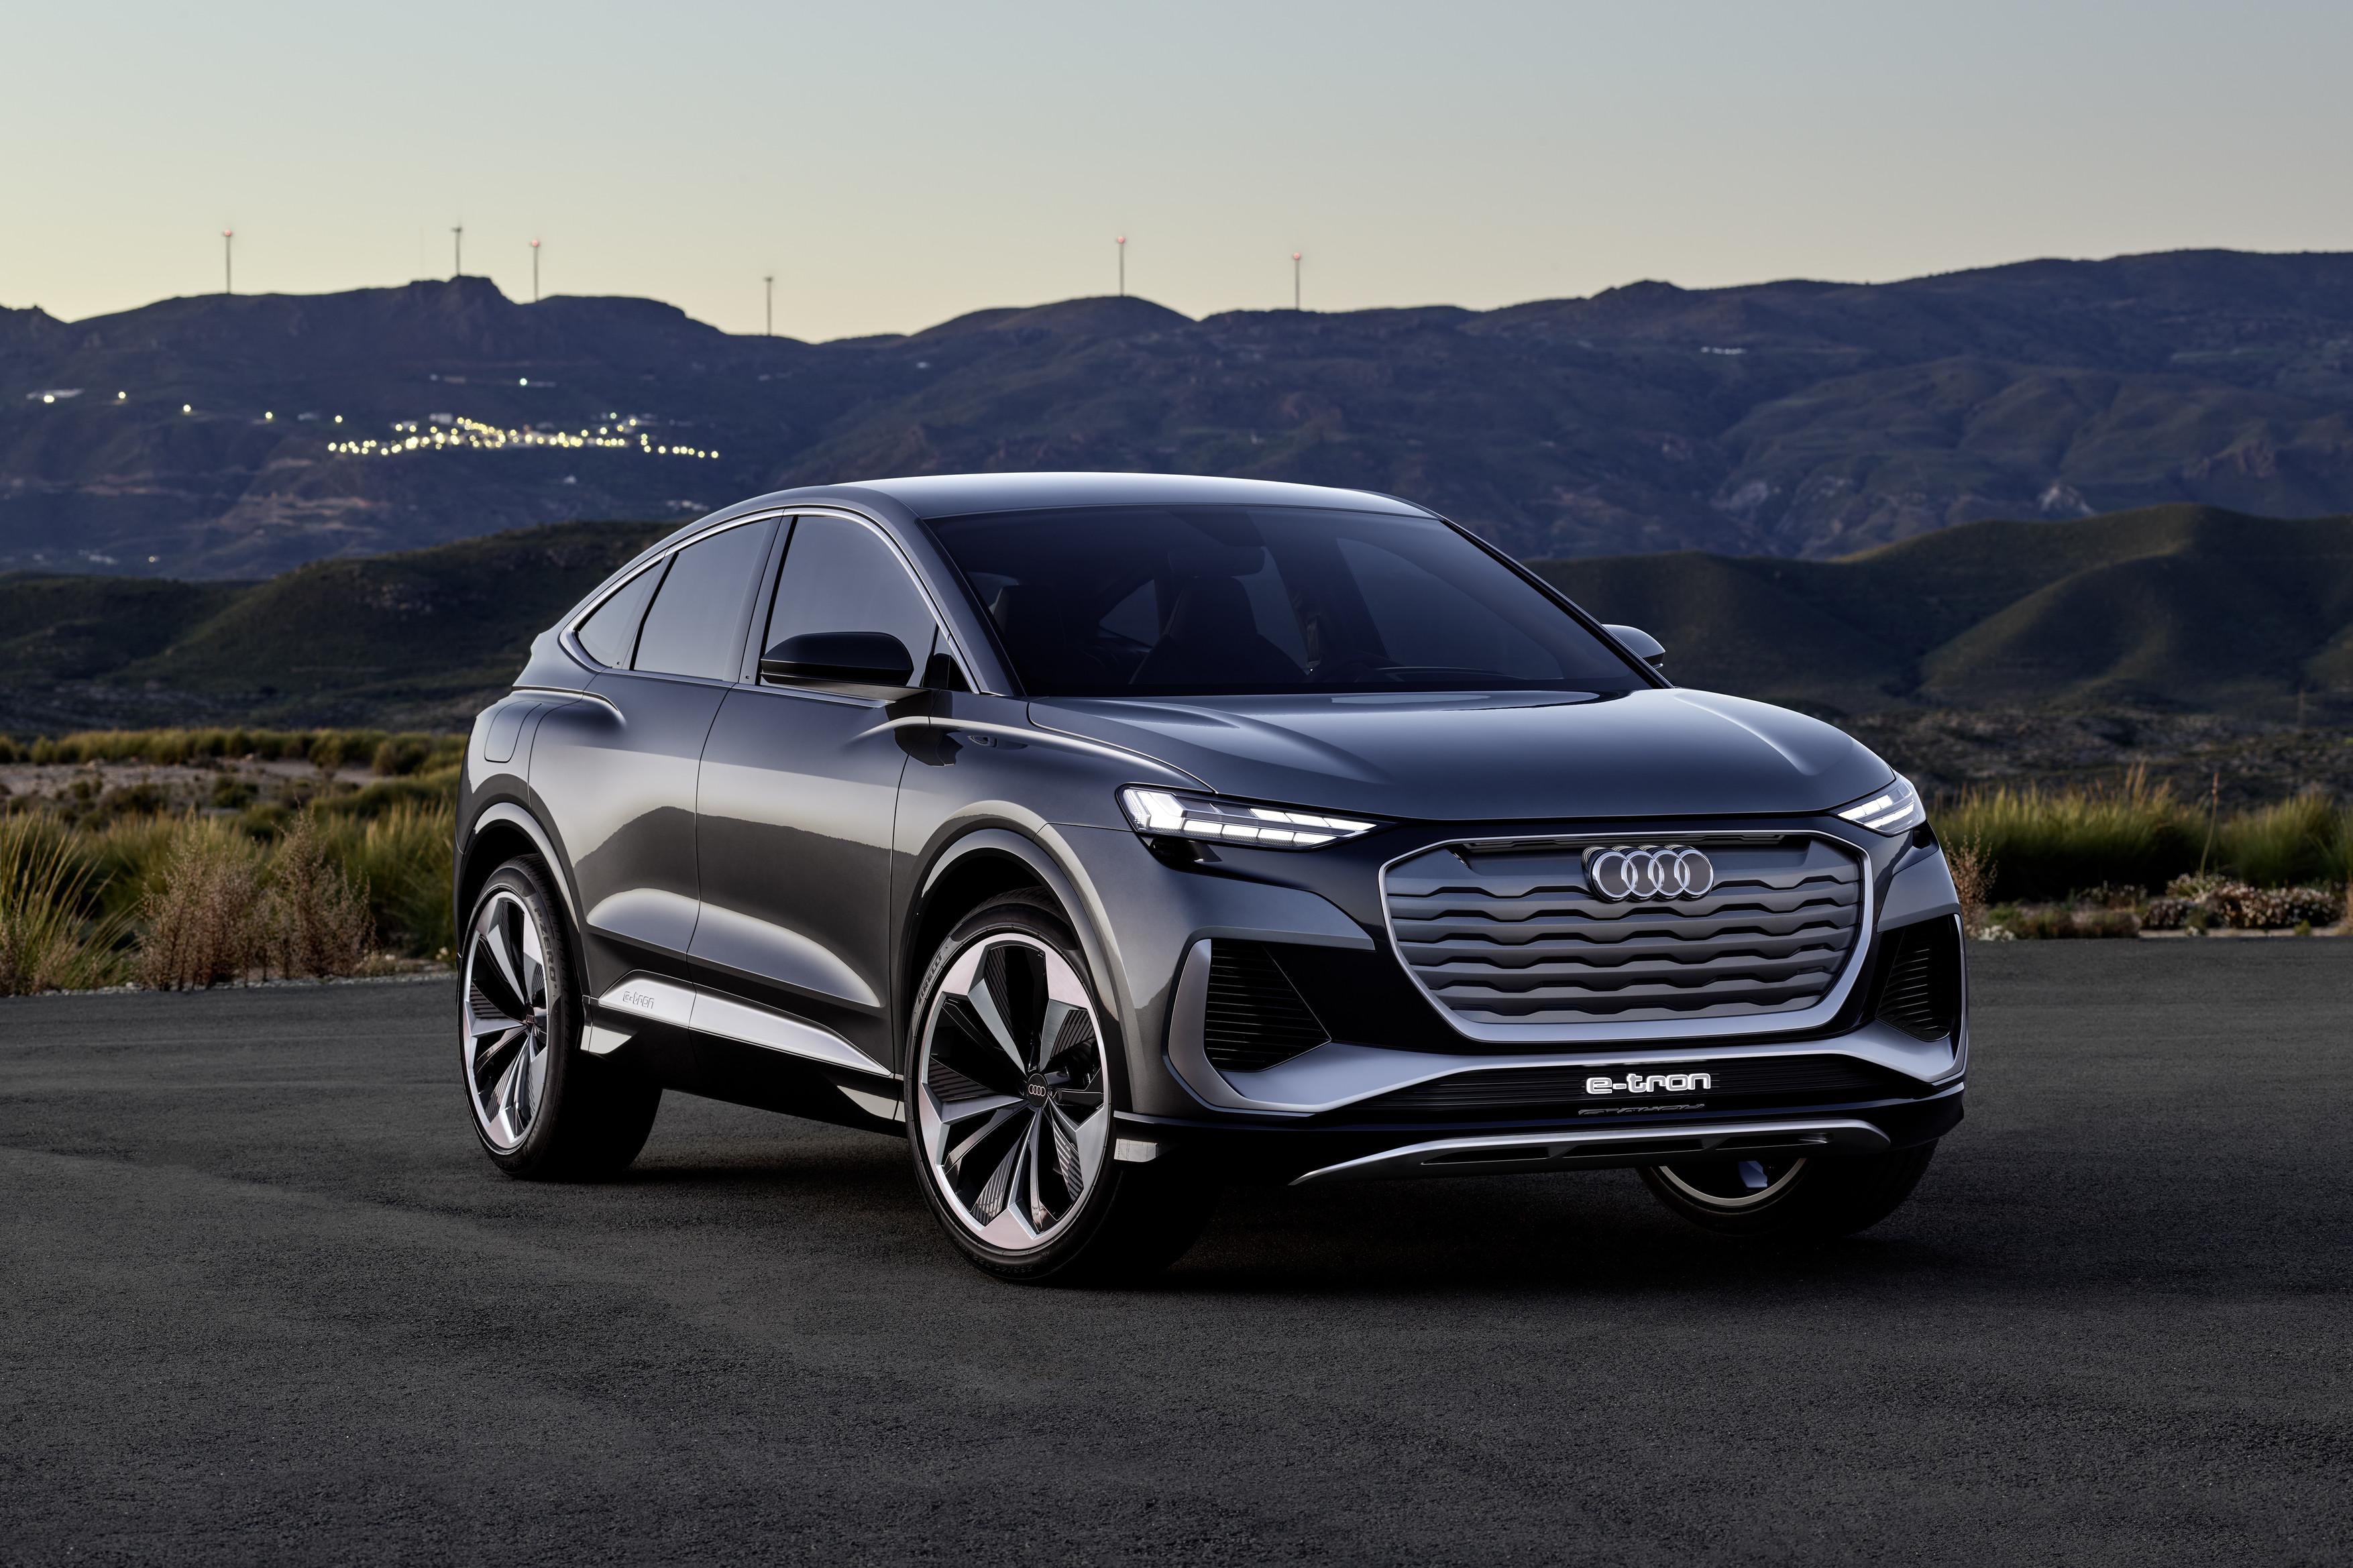 Audi Q4 e-tron nuovi suv 2021 DEaler on Fire